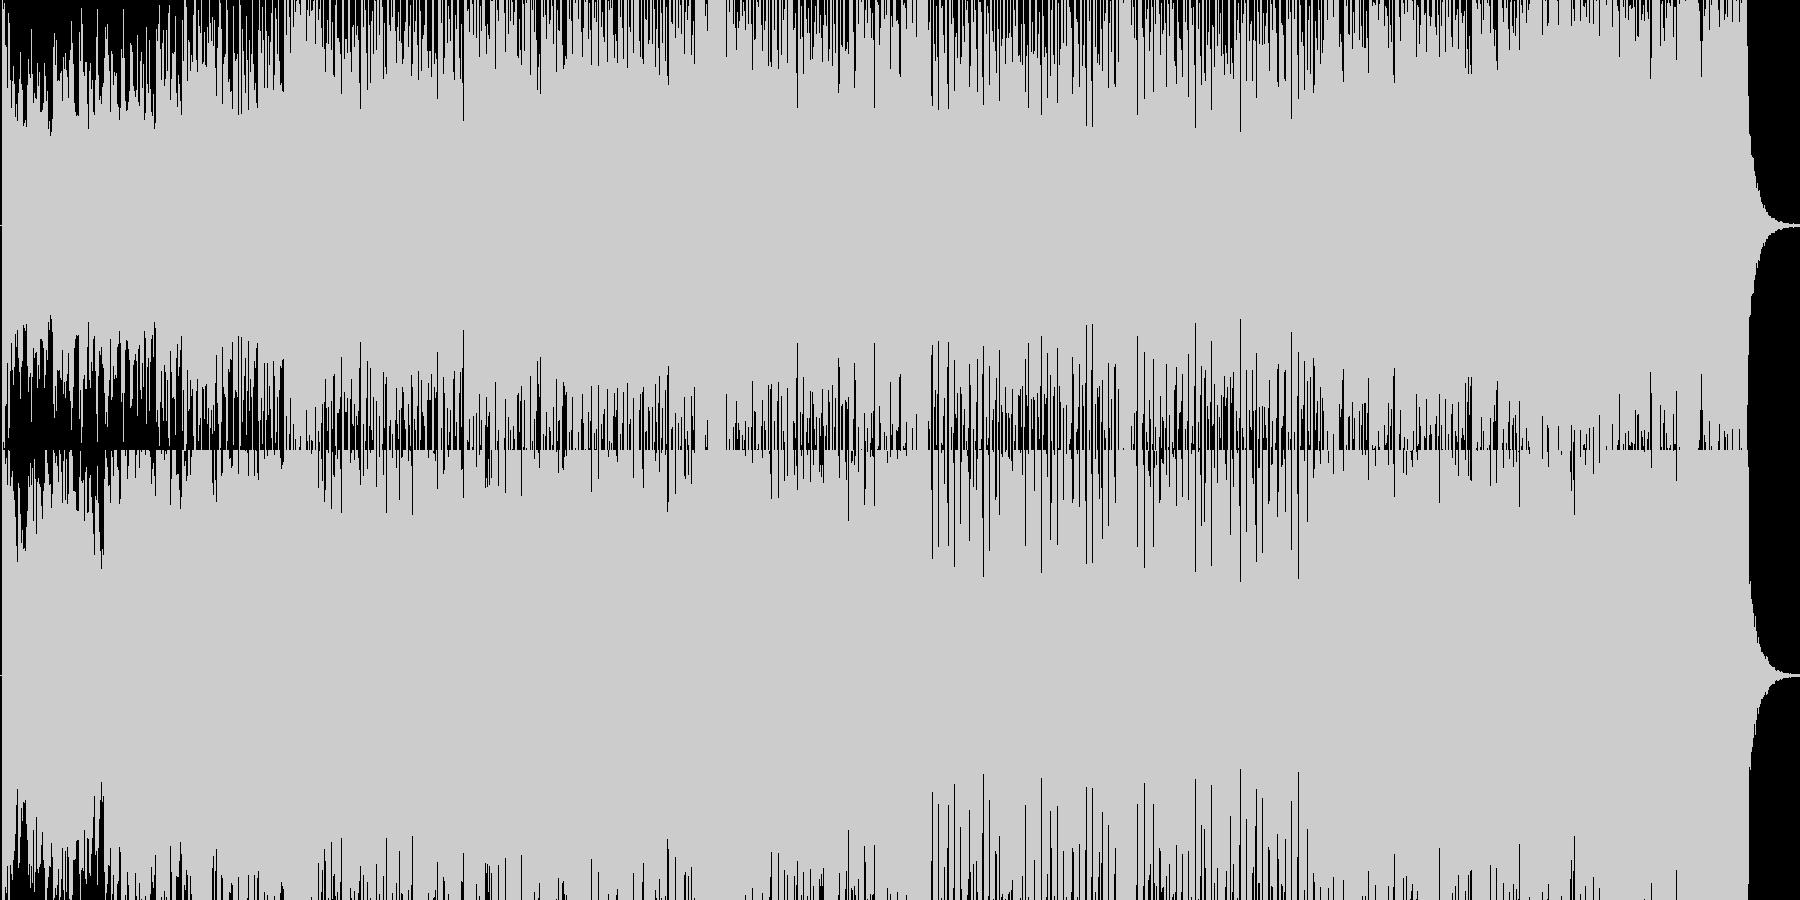 シンセが印象的な疾走感溢れるサウンドですの未再生の波形